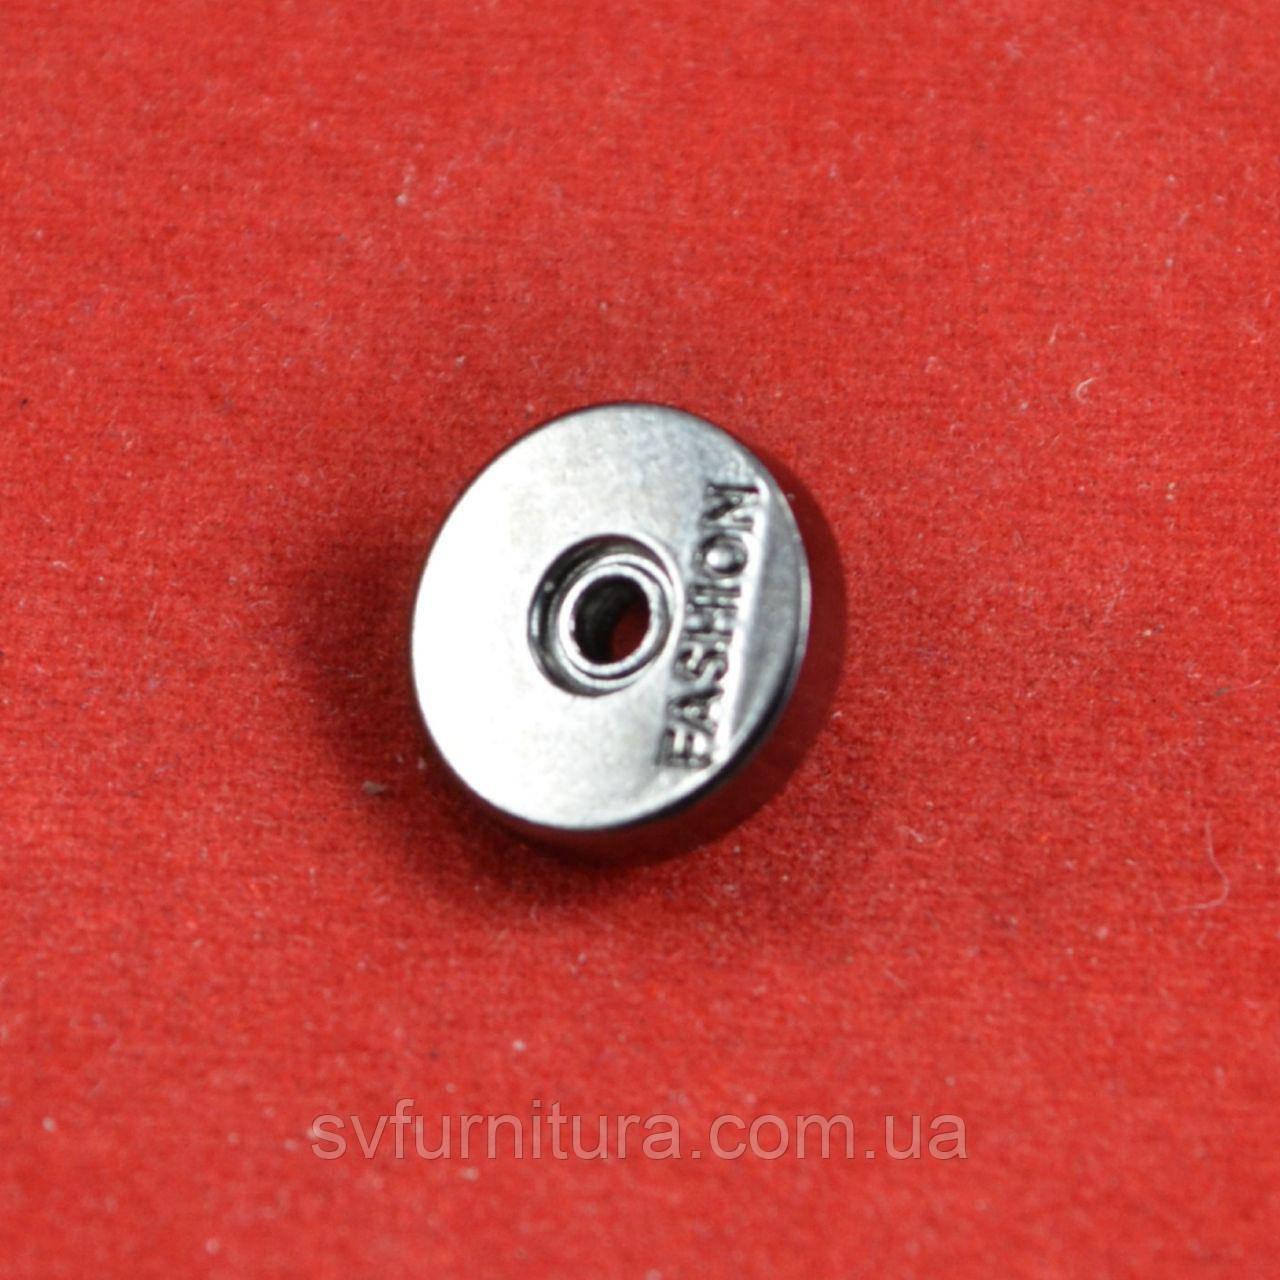 Кнопка 14361 нікель